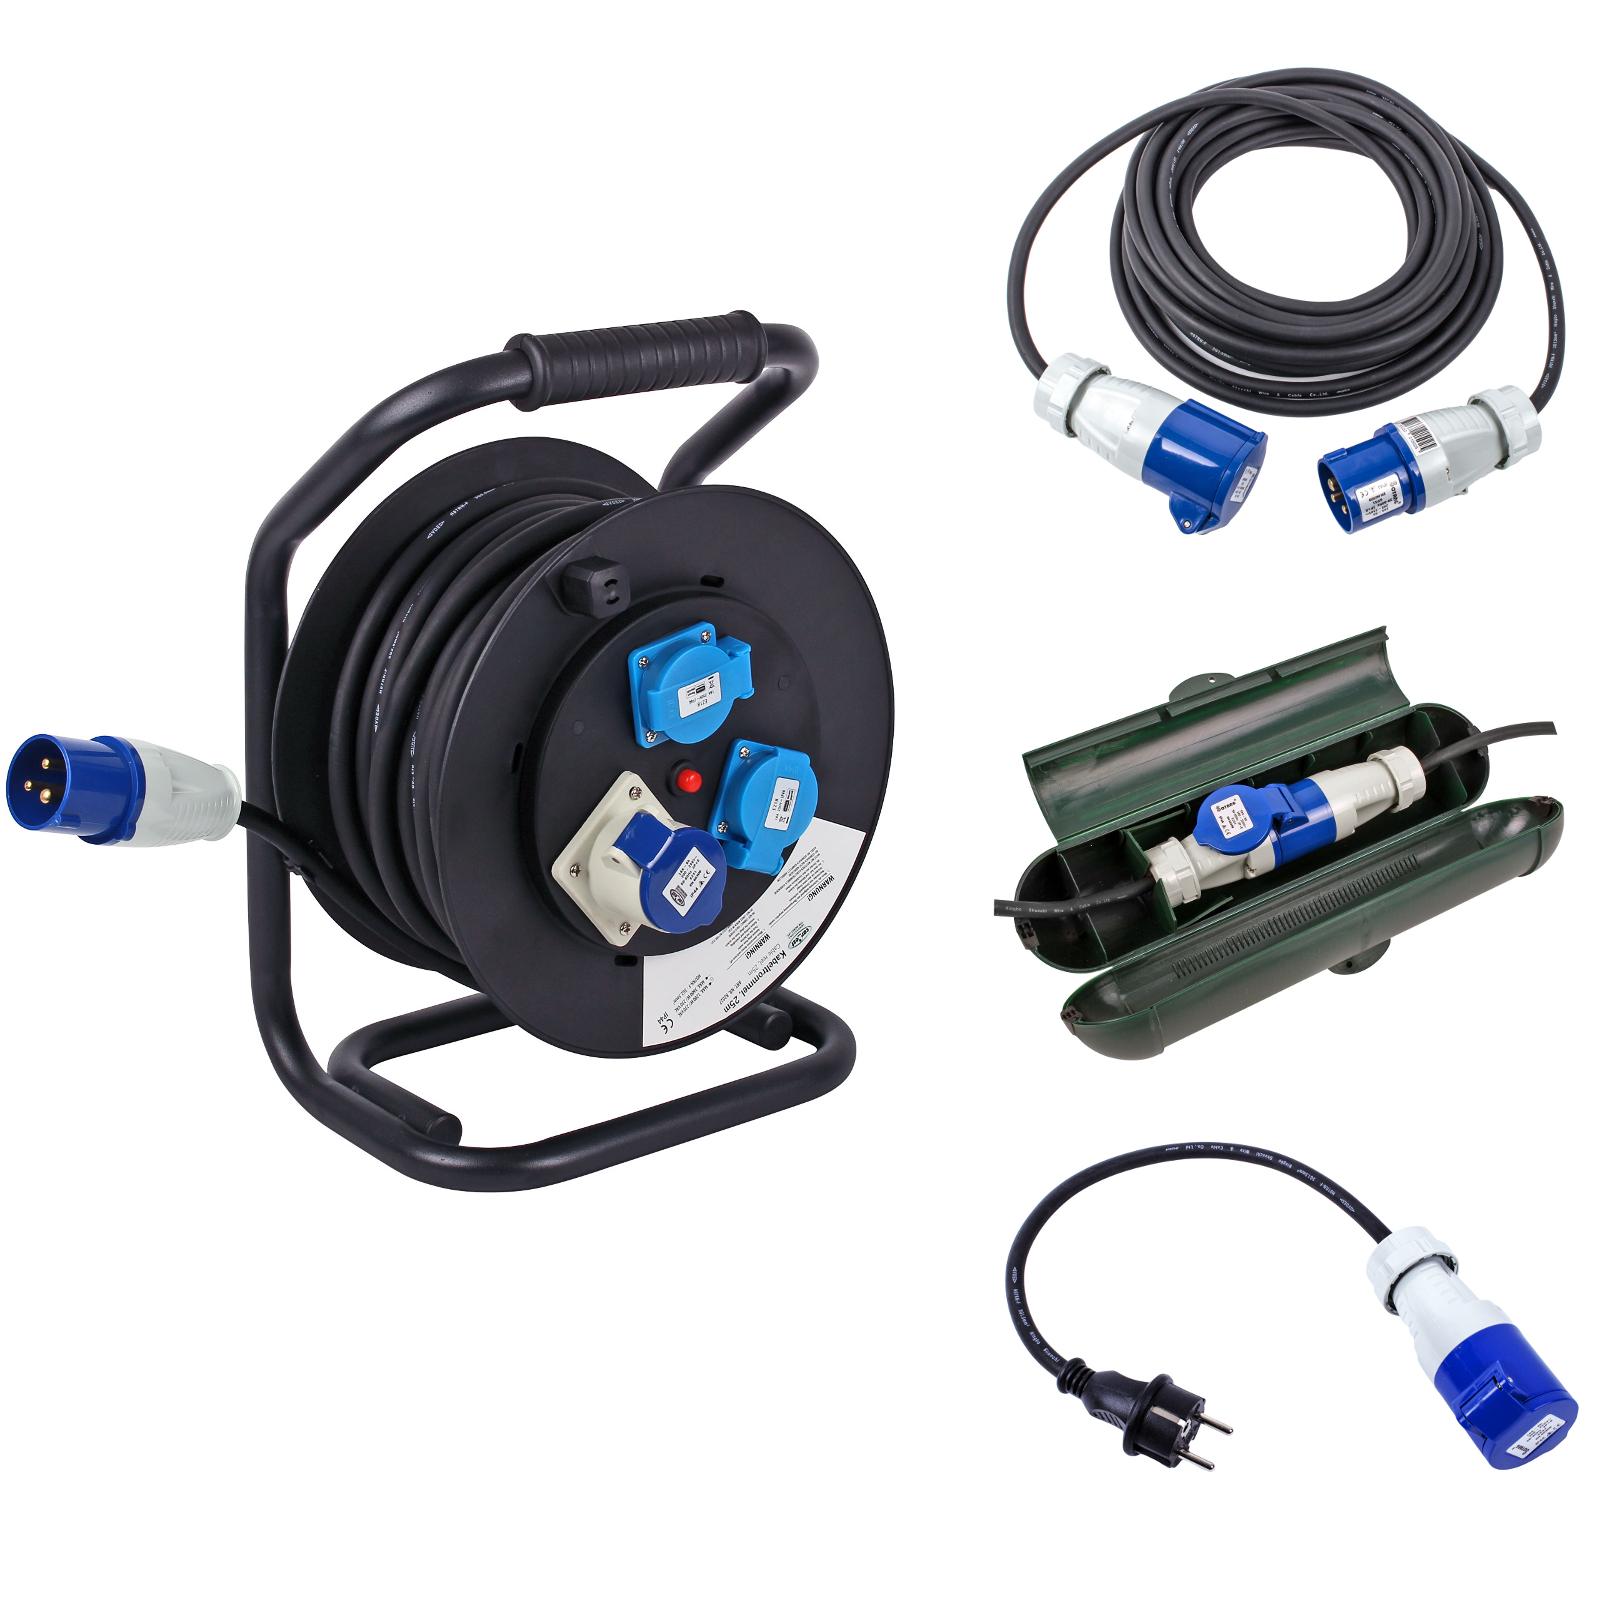 CEE Camping Set Kabeltrommel 25M - 10M Kabel - Sicherheitsbox - Adapter Schuko